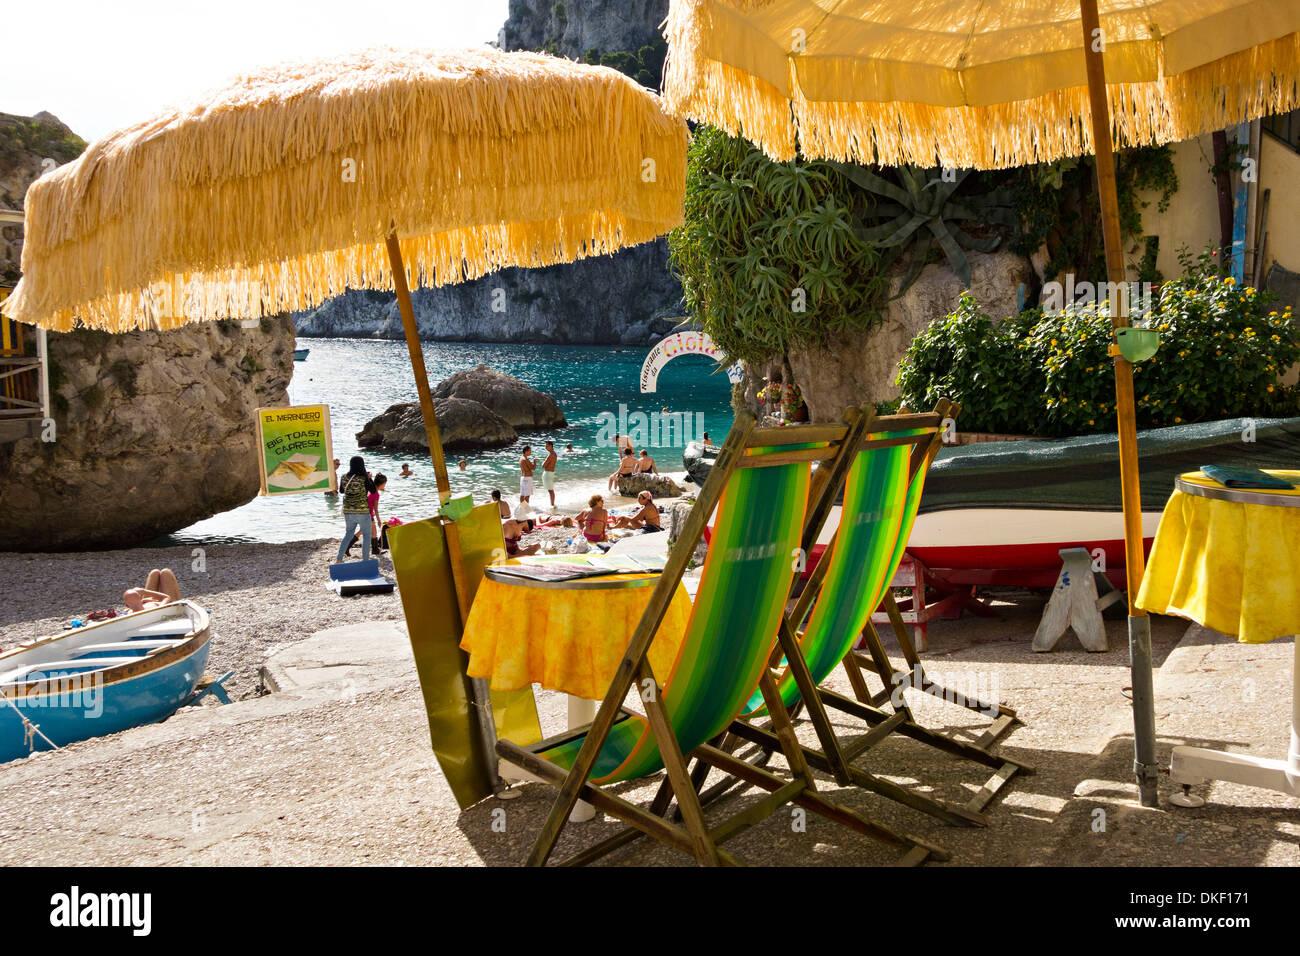 Walk the walk in #Capri To discover more stunning scenes ...  |Capri Beach Scenes